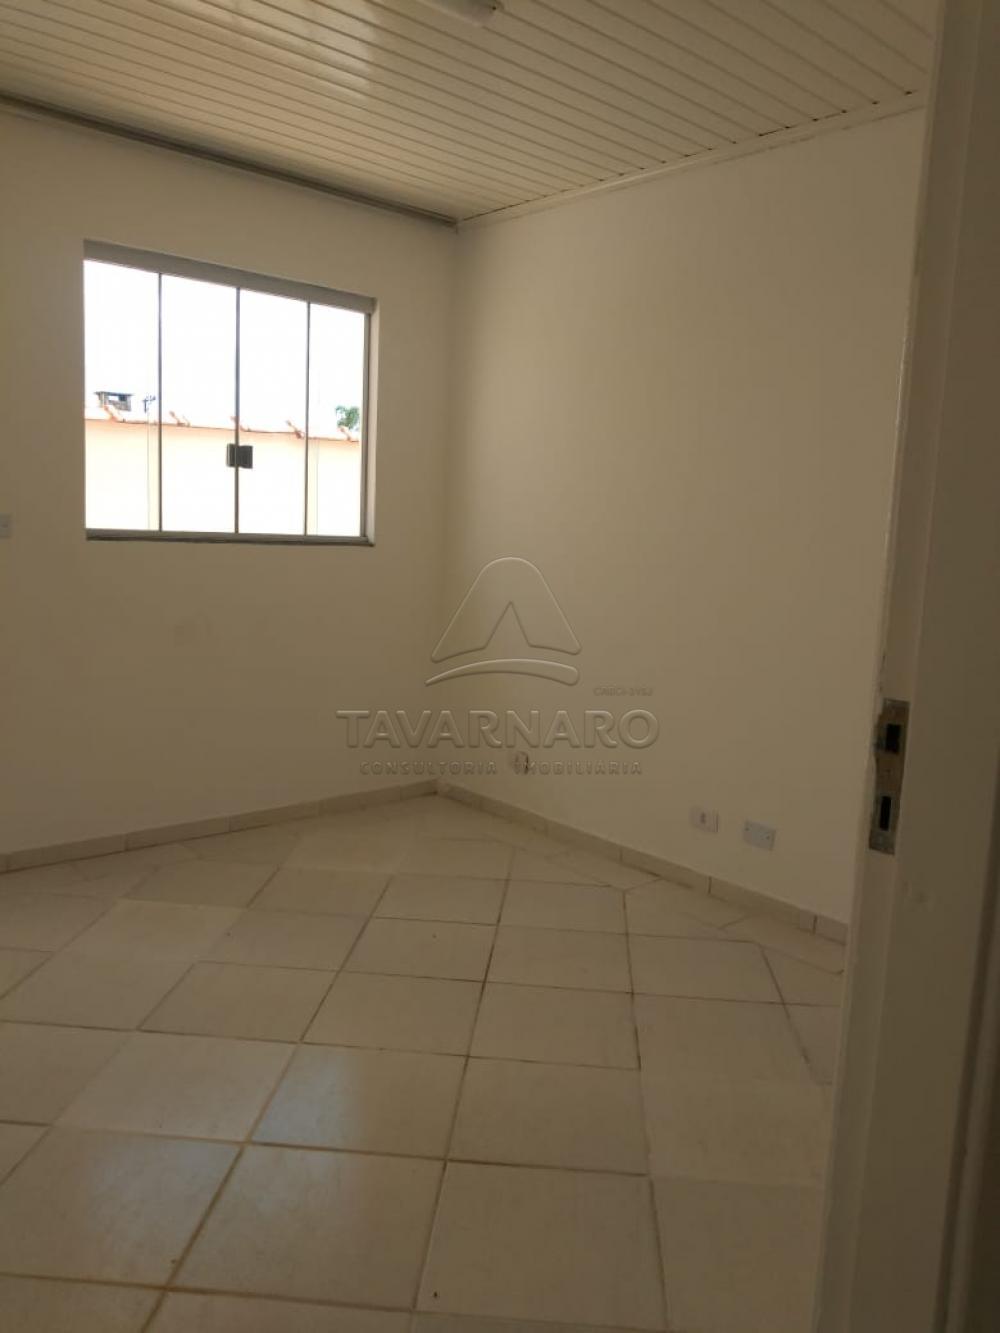 Alugar Casa / Comercial em Carambeí apenas R$ 1.700,00 - Foto 4